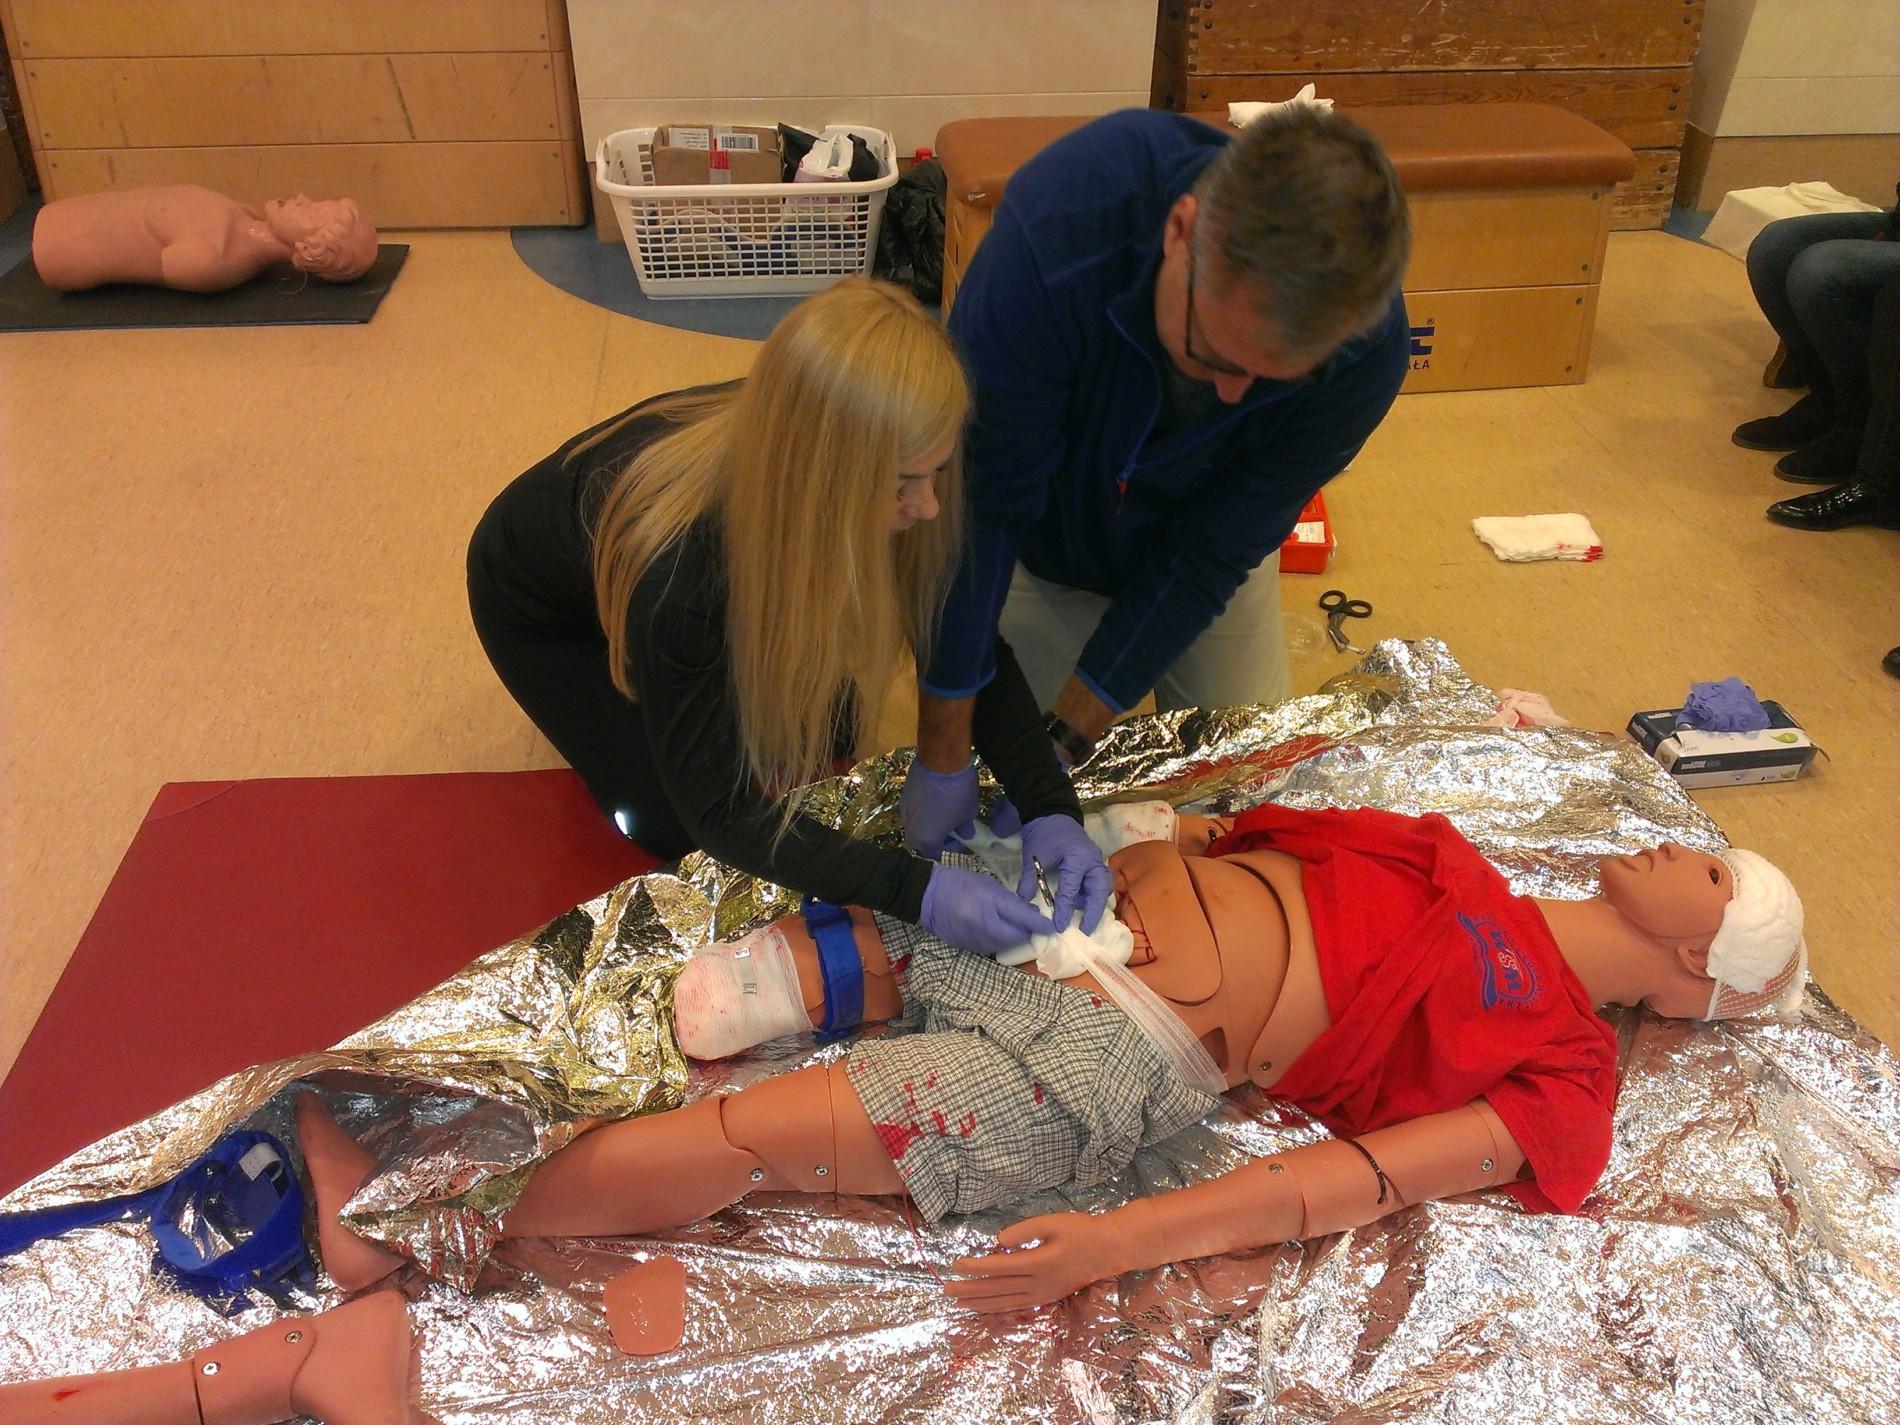 praktyczne szkolenia z pierwszej pomocy warszawa